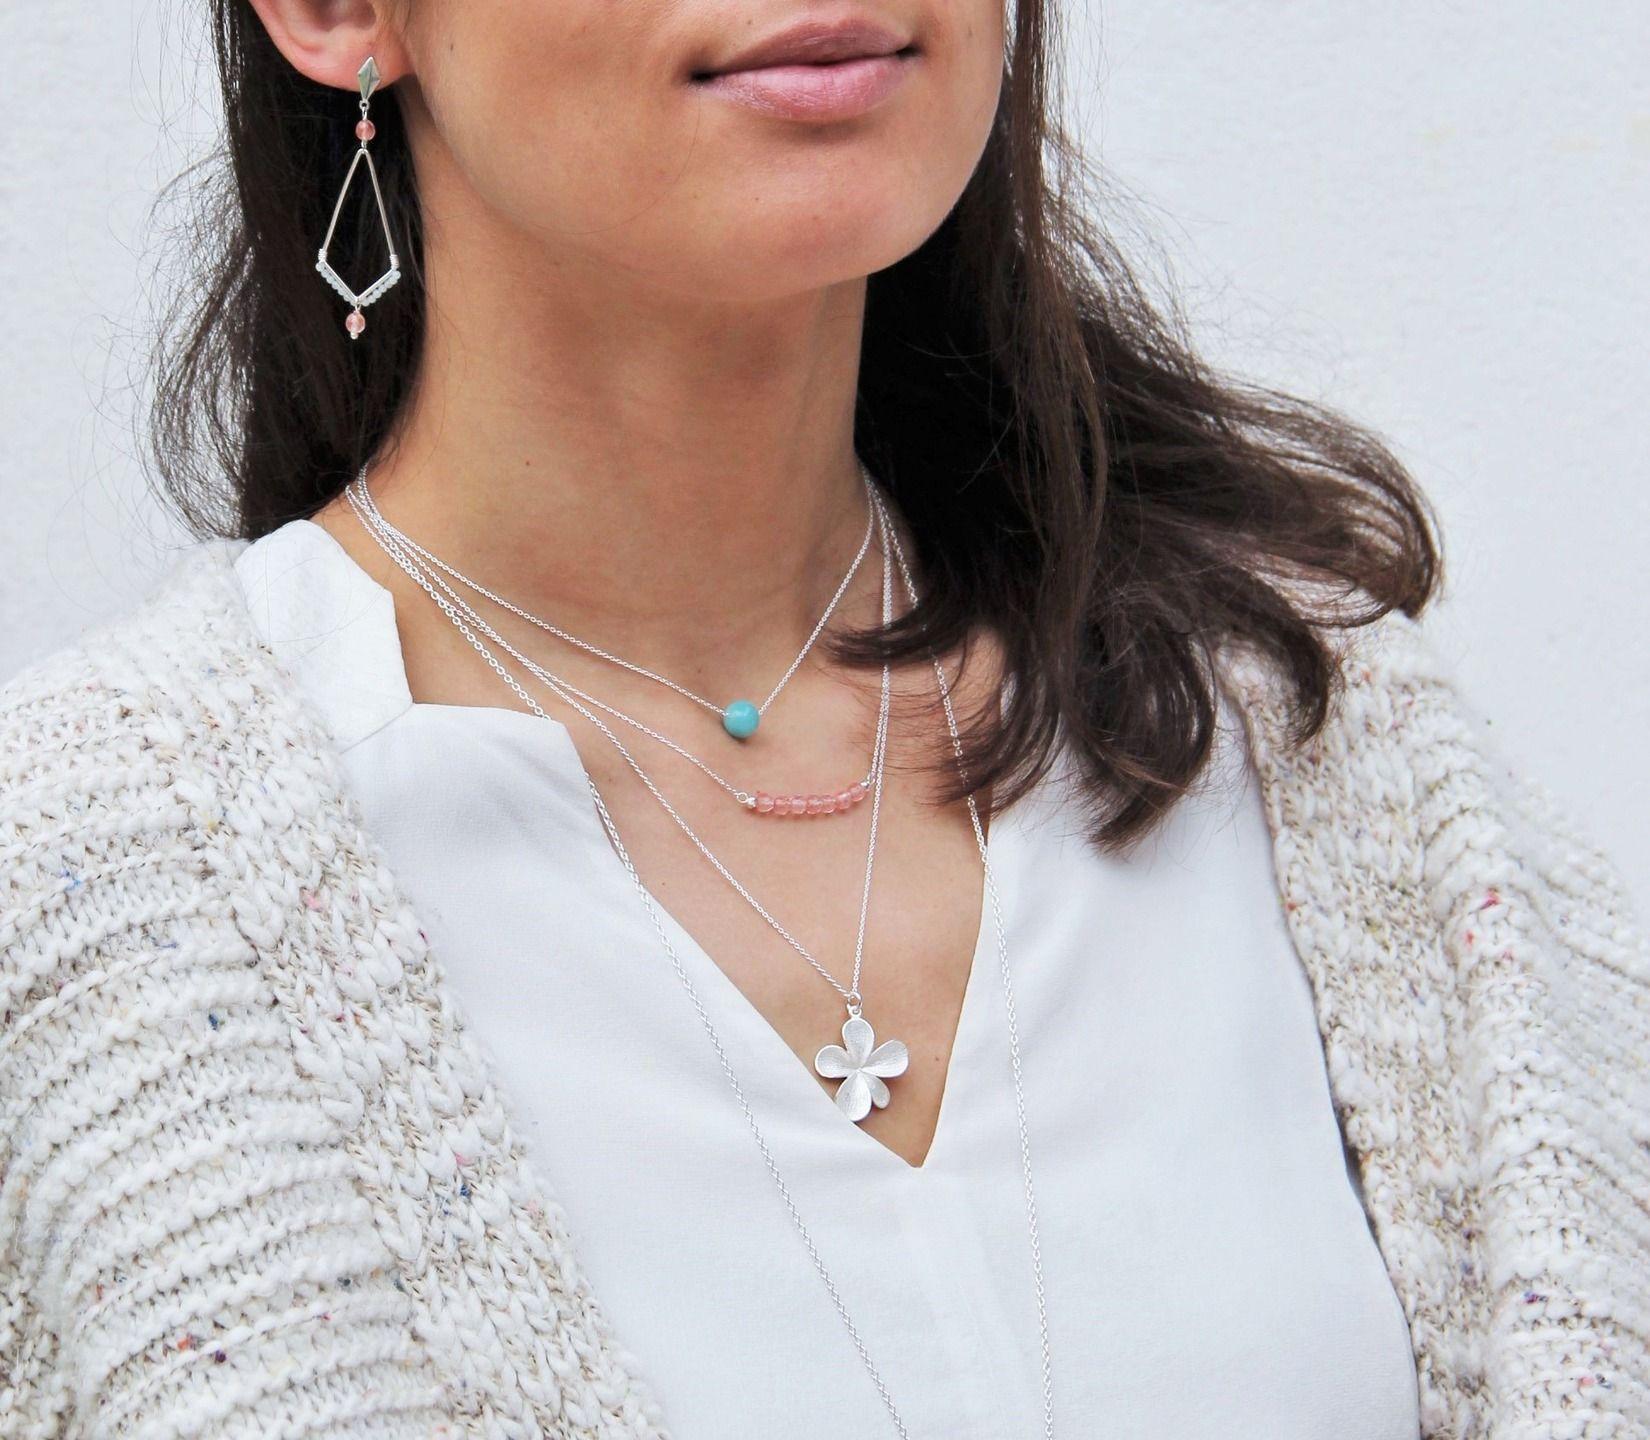 Collier fleur en argent massif 925, pétale, bijou fin, idée cadeau, minimaliste by Myo jewel Artisanat, bijoux de créateur fins made in France